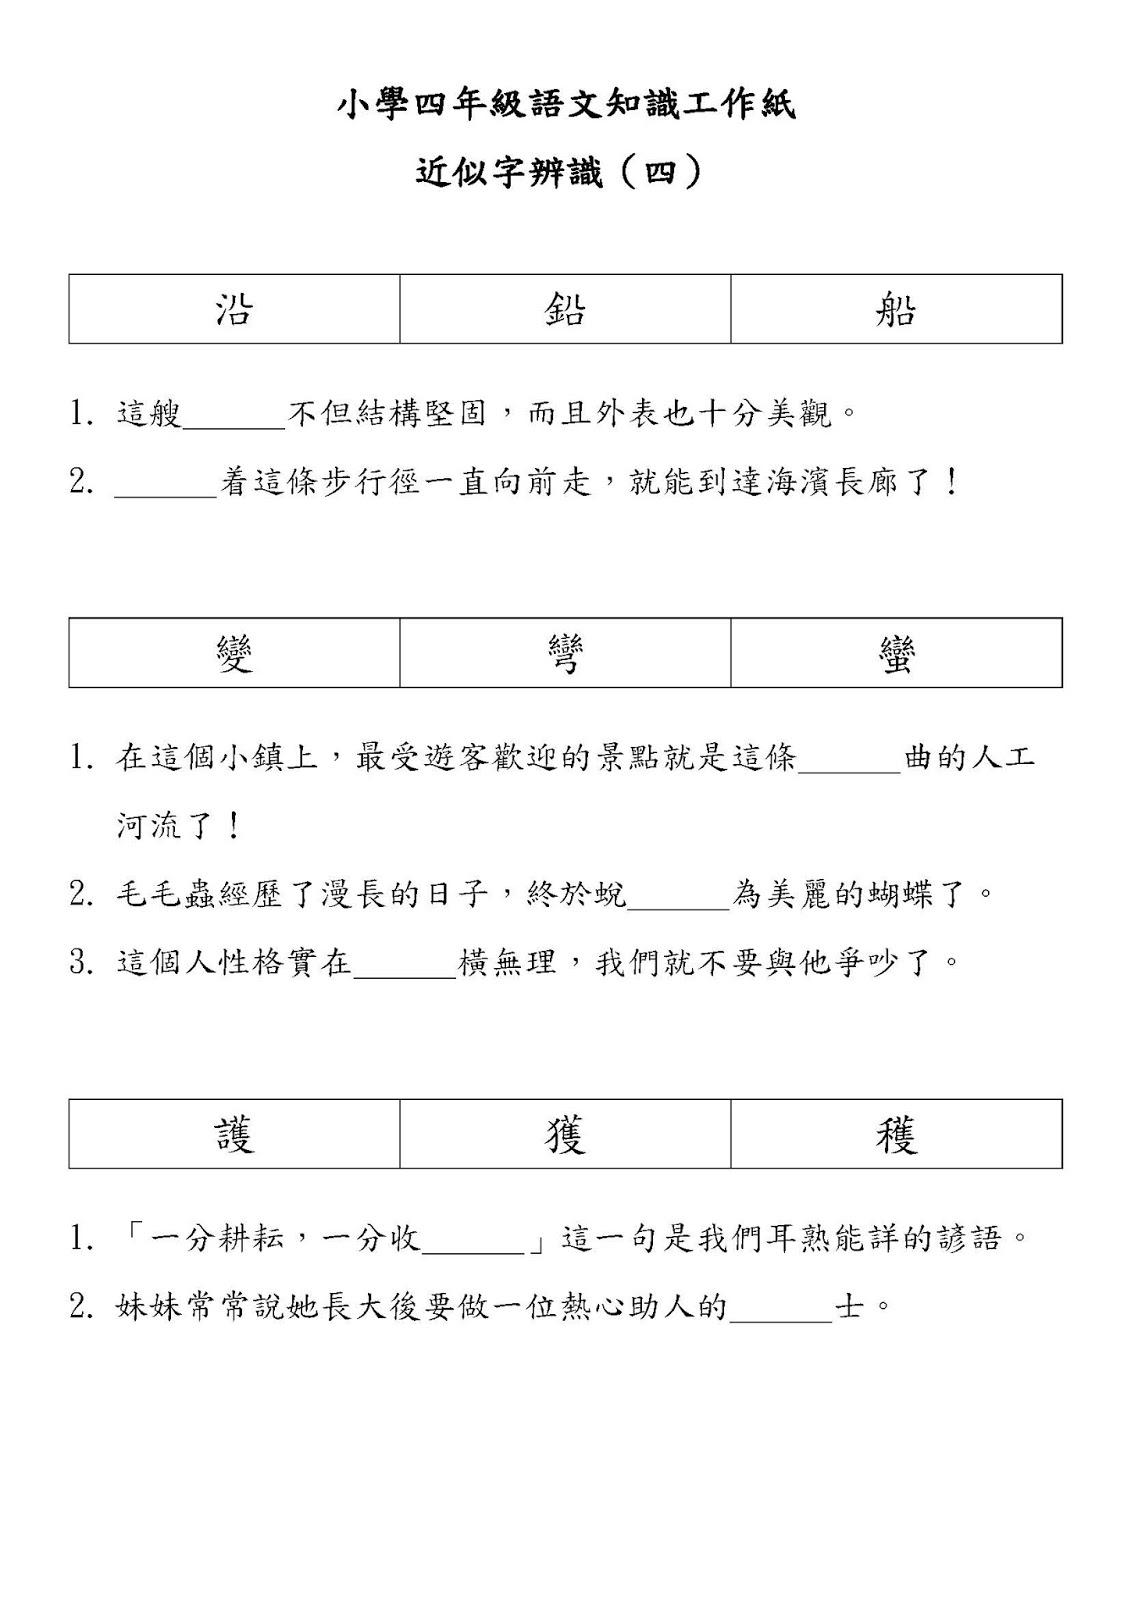 小四語文知識工作紙:近似字辨識(四)|中文工作紙|尤莉姐姐的反轉學堂